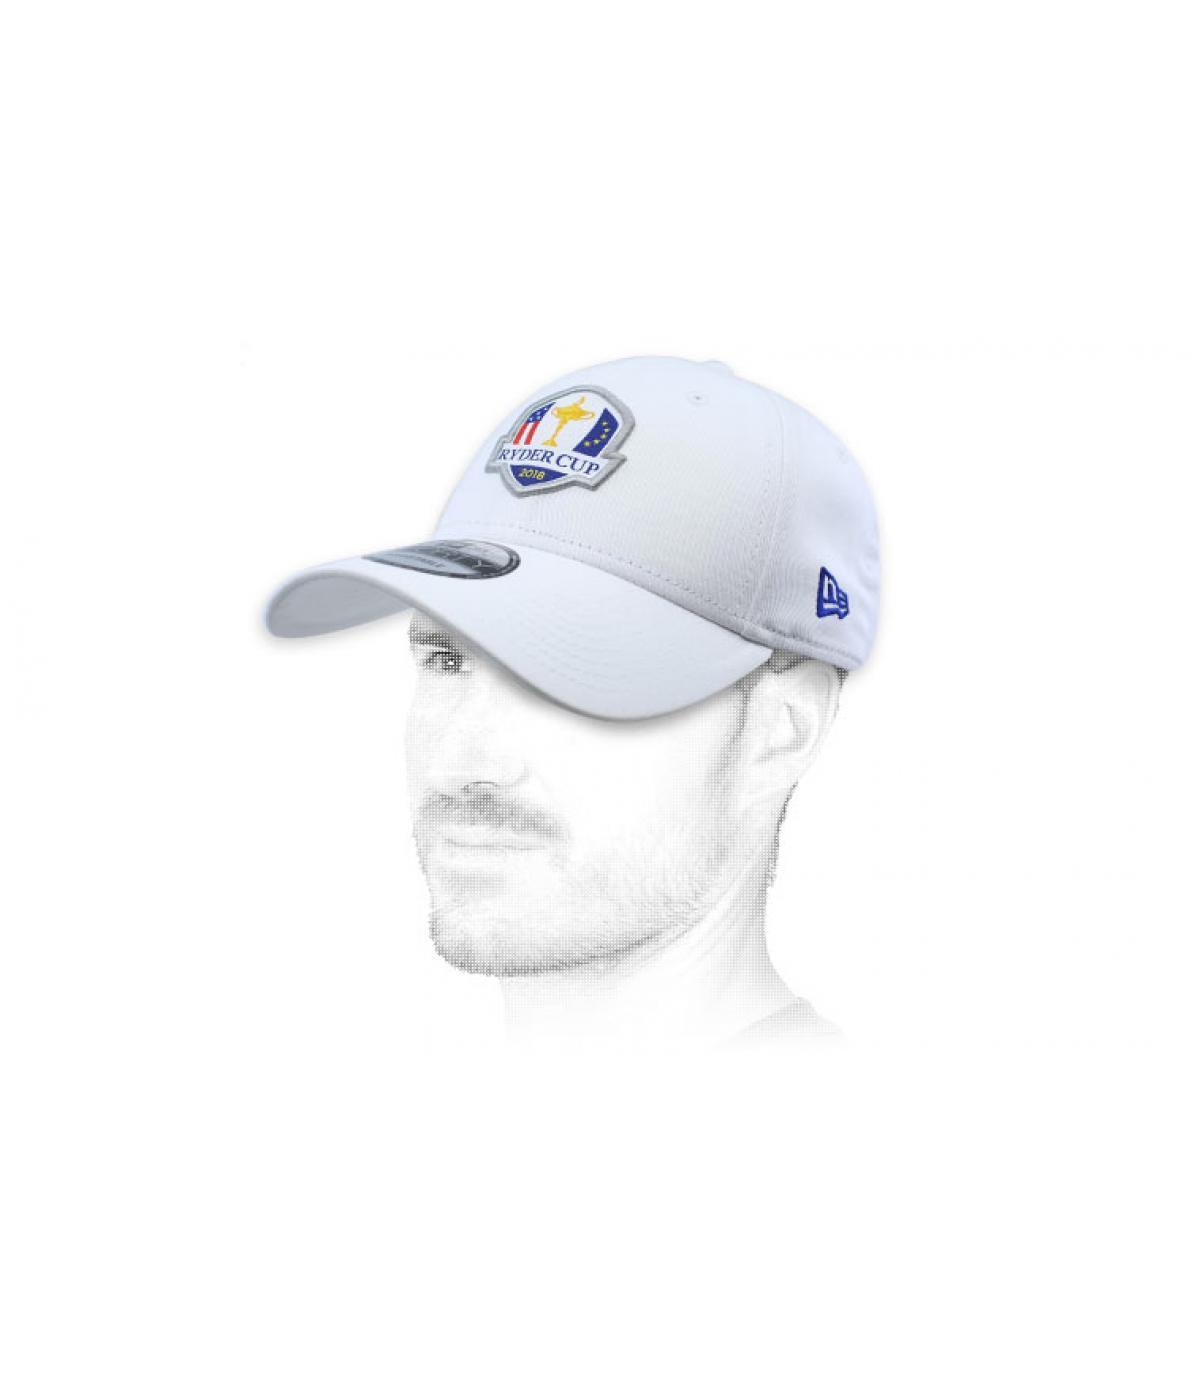 gorra golf Ryder Cup blanco